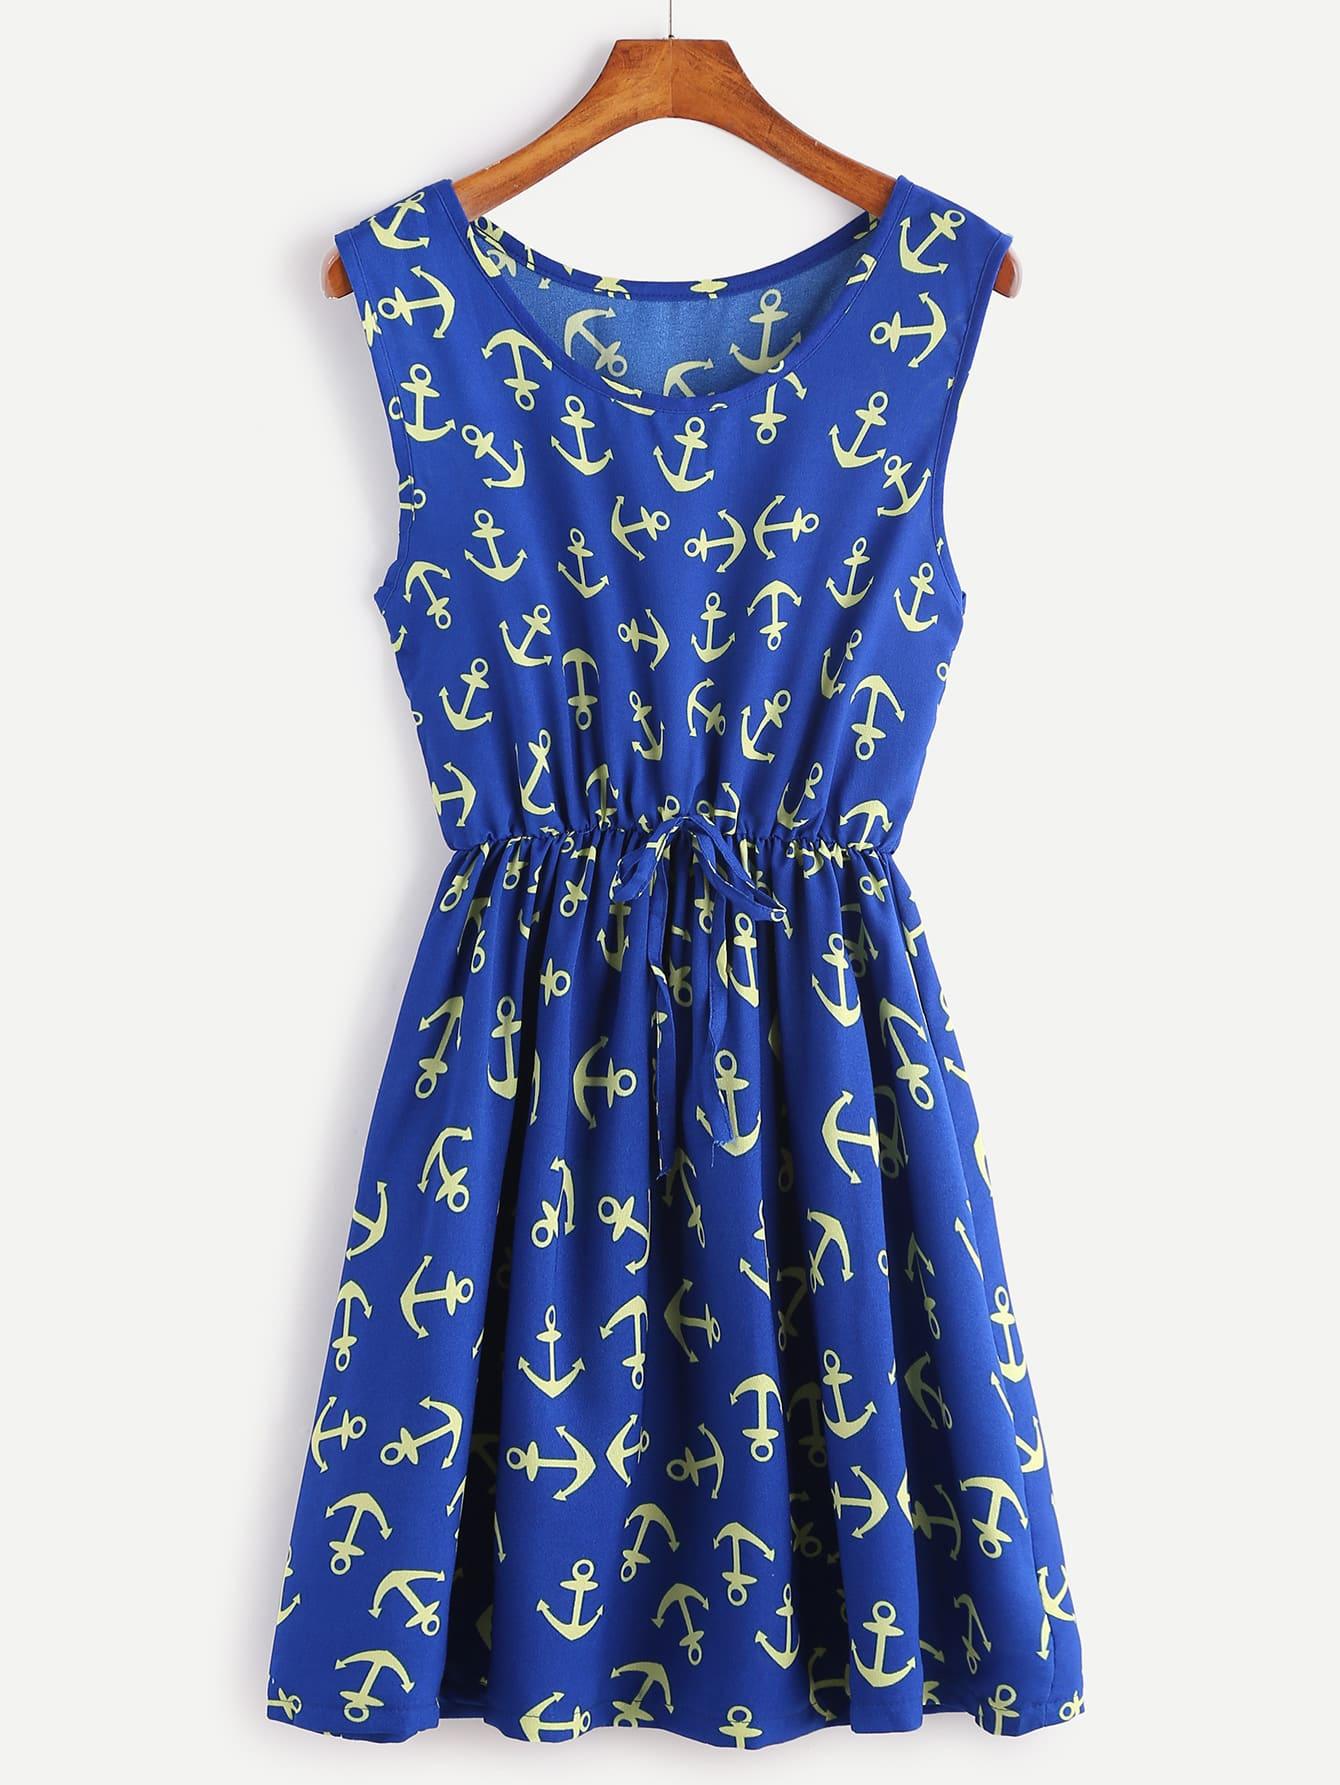 dress161220102_1